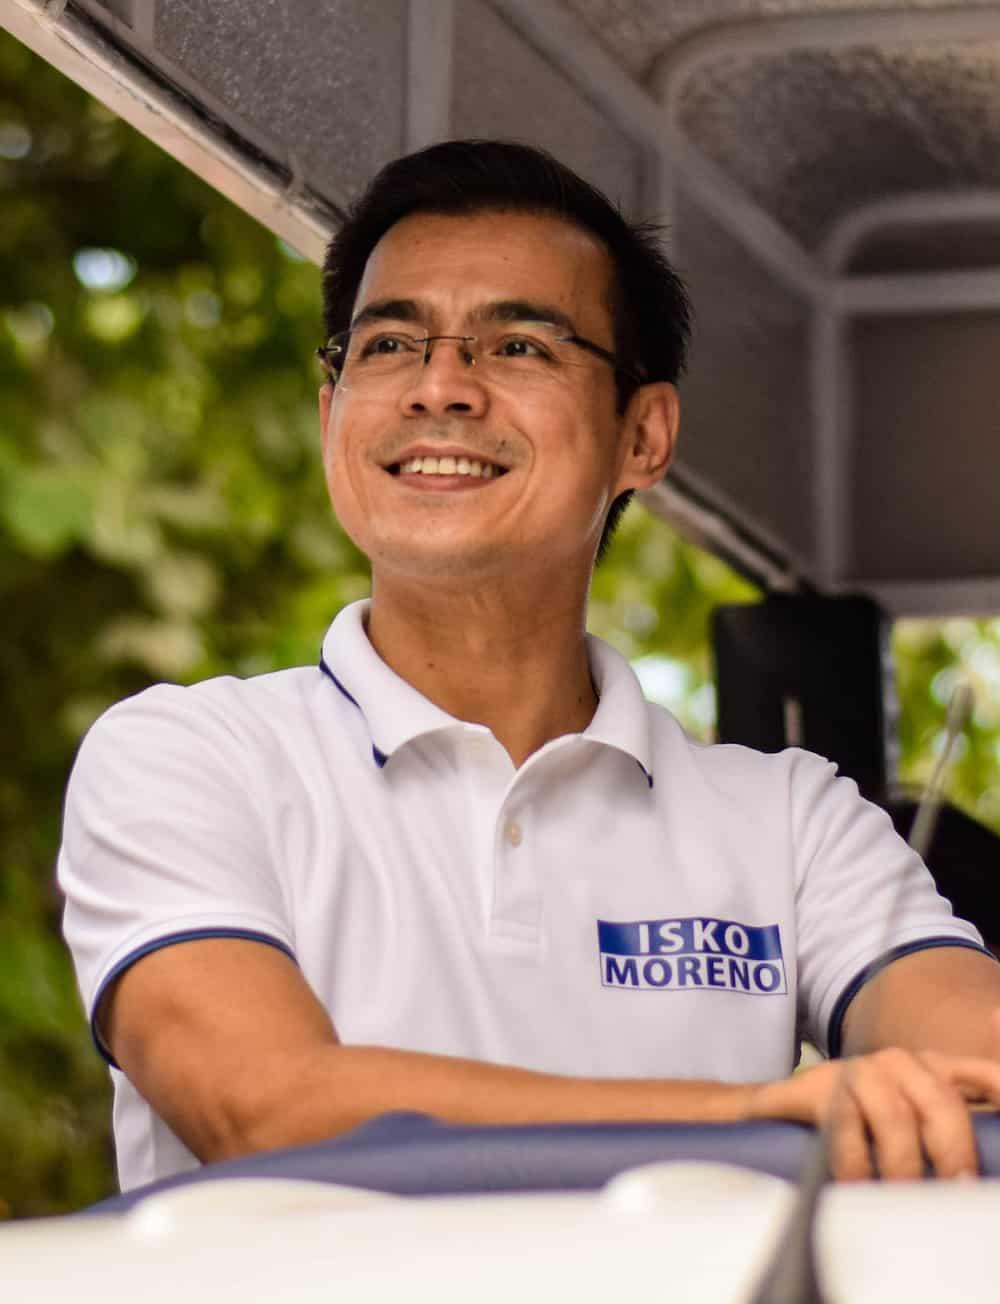 Mayor Isko Moreno, nagpasalamat sa 'anonymous donor' ng ₱500,000 para sa Maynila